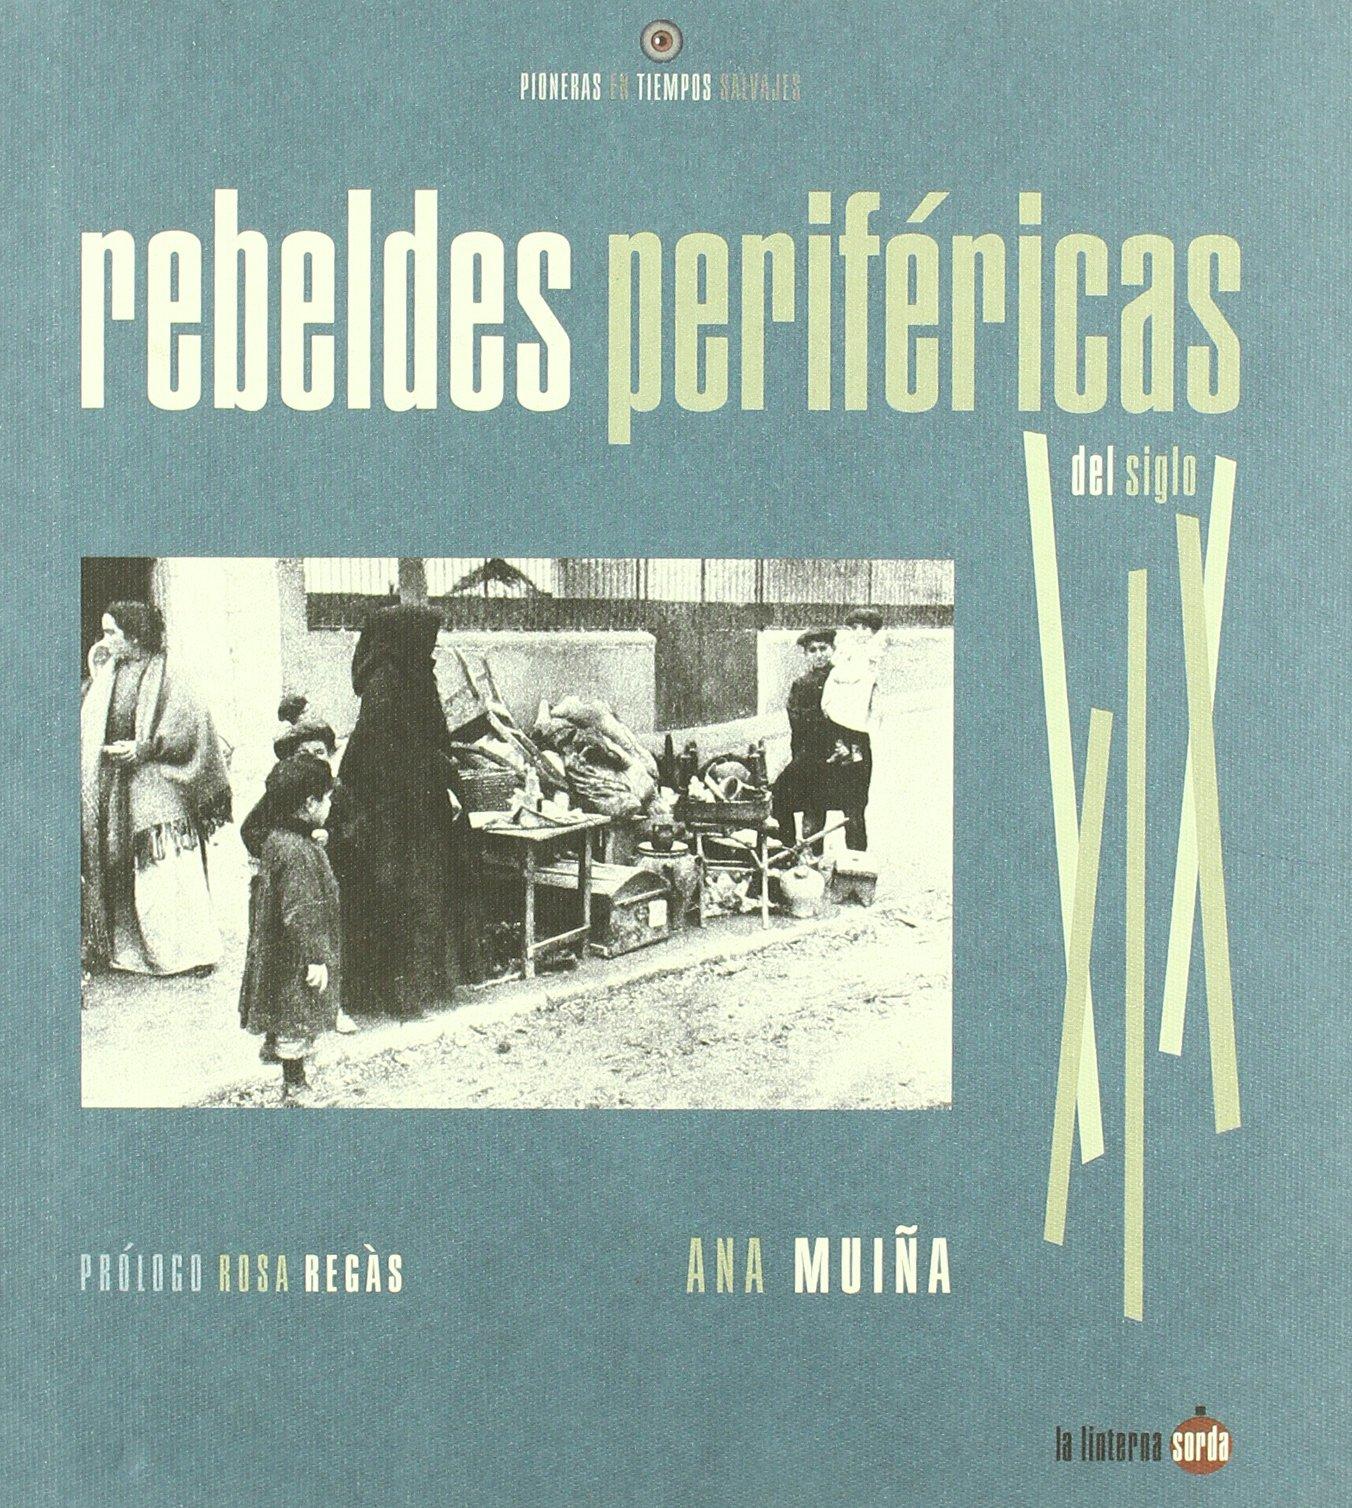 Rebeldes perifericas del siglo XIX Pioneras Tiempos Salvajes ...